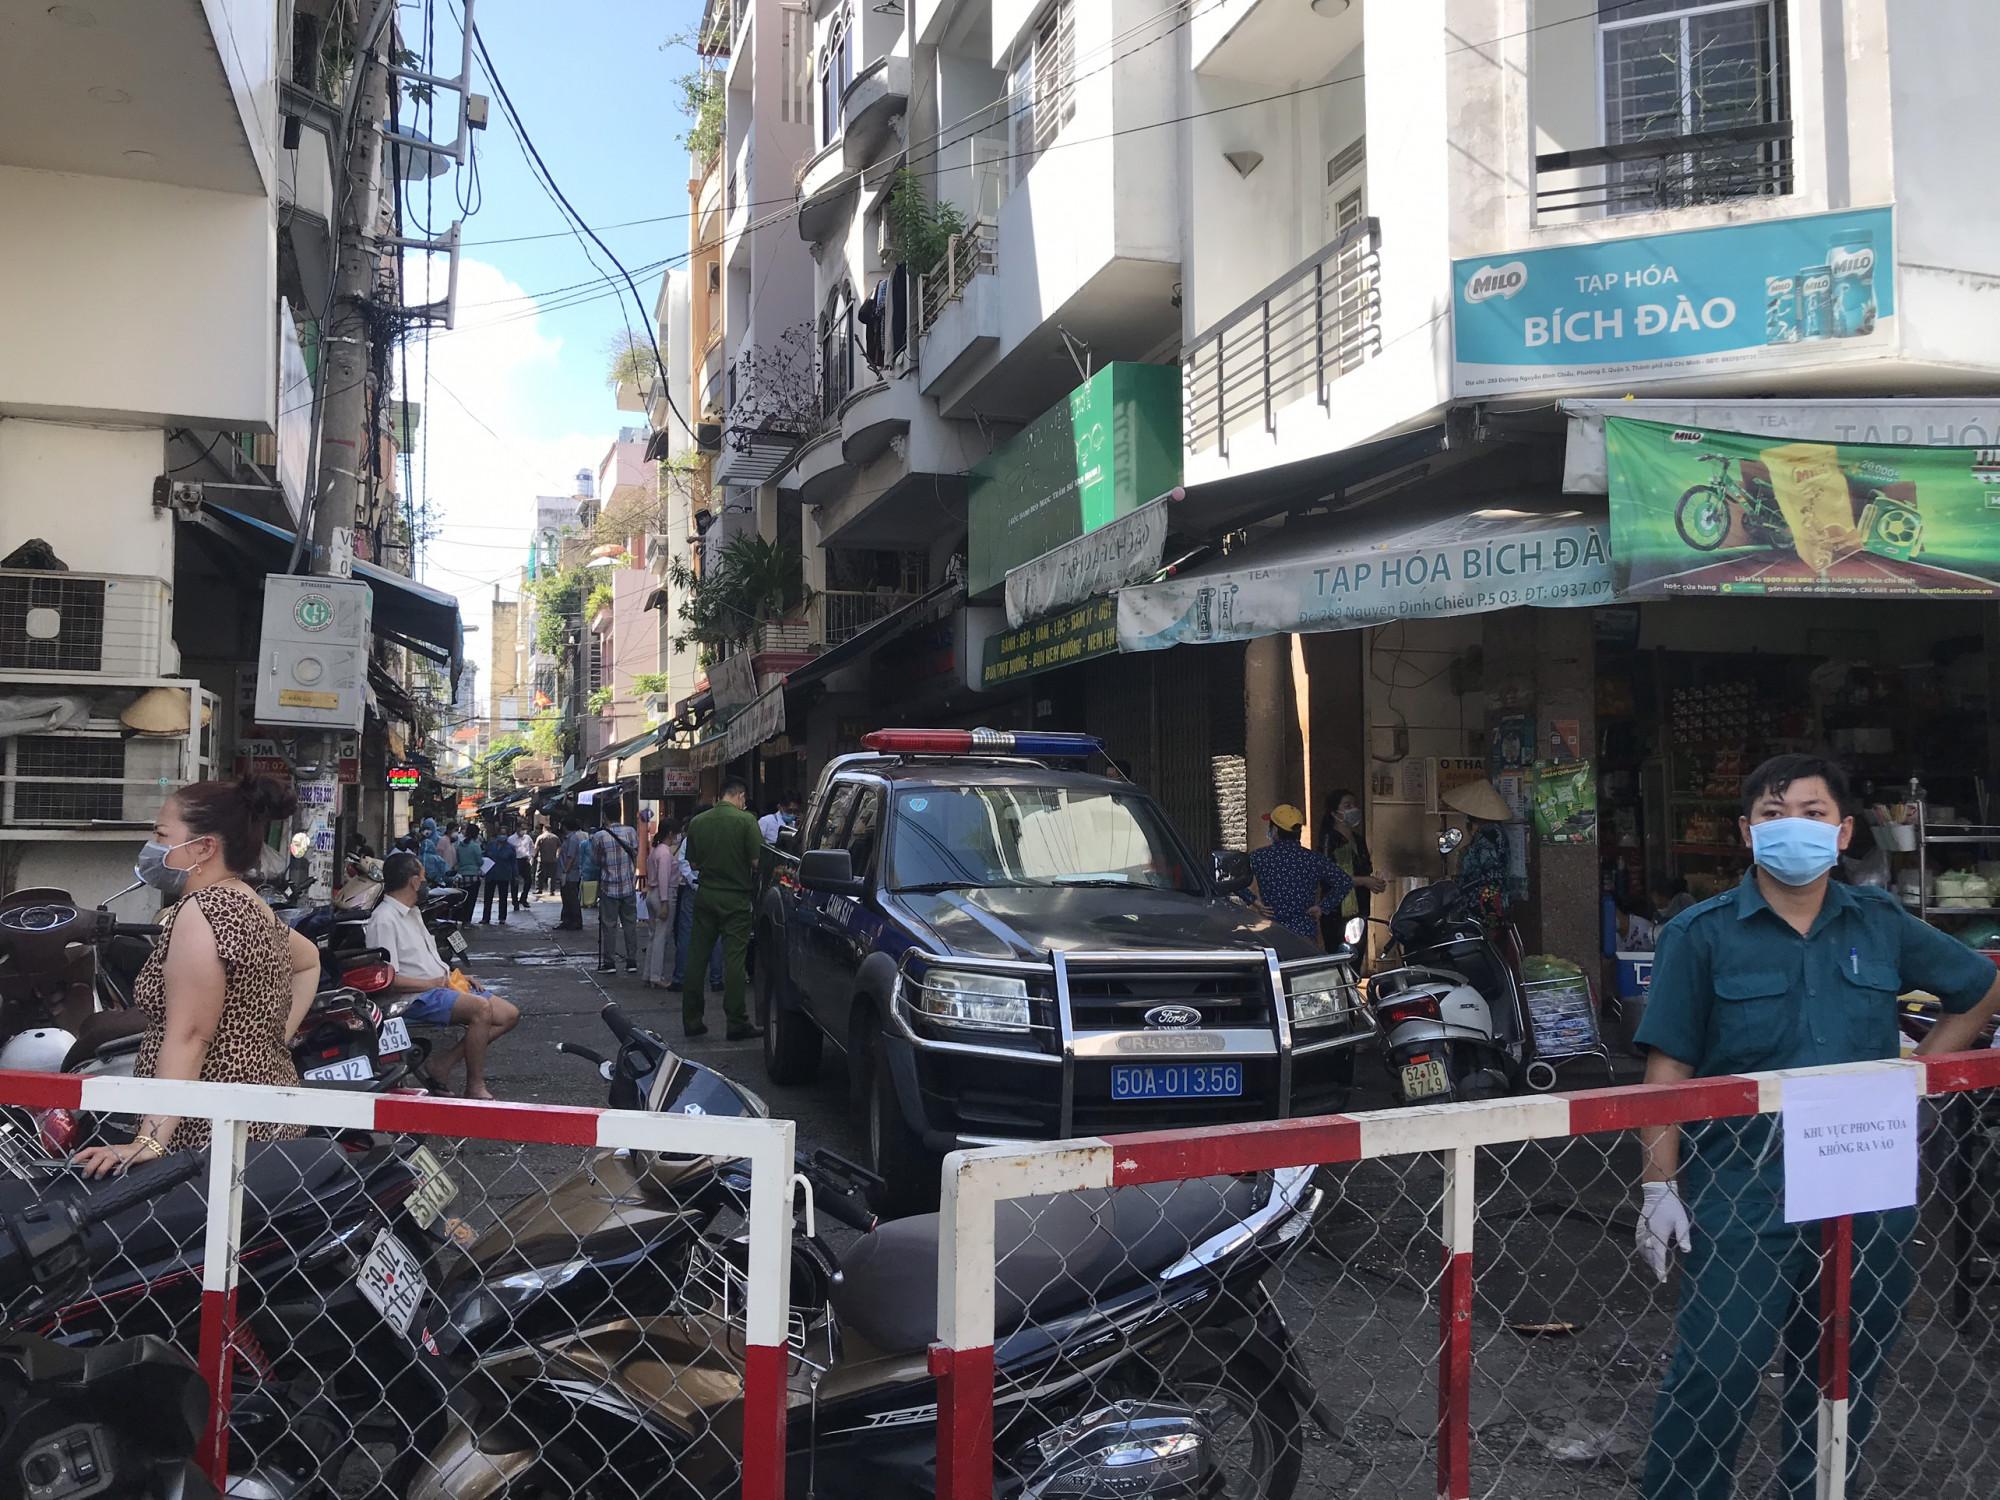 Hẻm 287 đường Nguyễn Đình Chiểu đang được phong tỏa